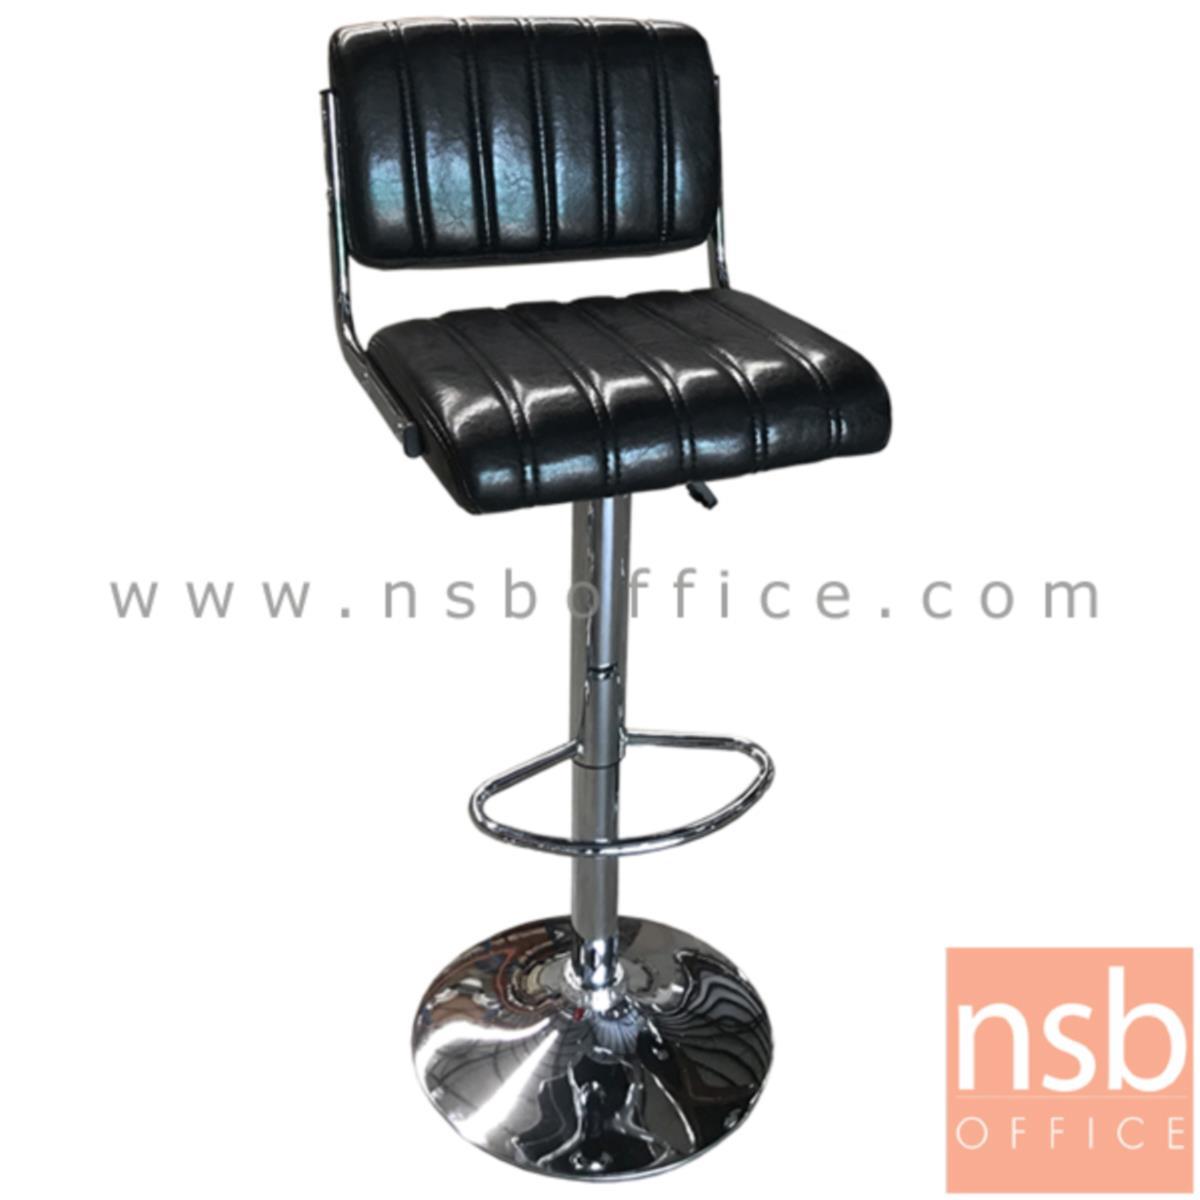 เก้าอี้บาร์สูงหนัง PU BY-CAST   รุ่น Motley (มอตลีย์) ขนาด 43W cm. โช๊คแก๊ส ขาโครเมี่ยมฐานจานกลม